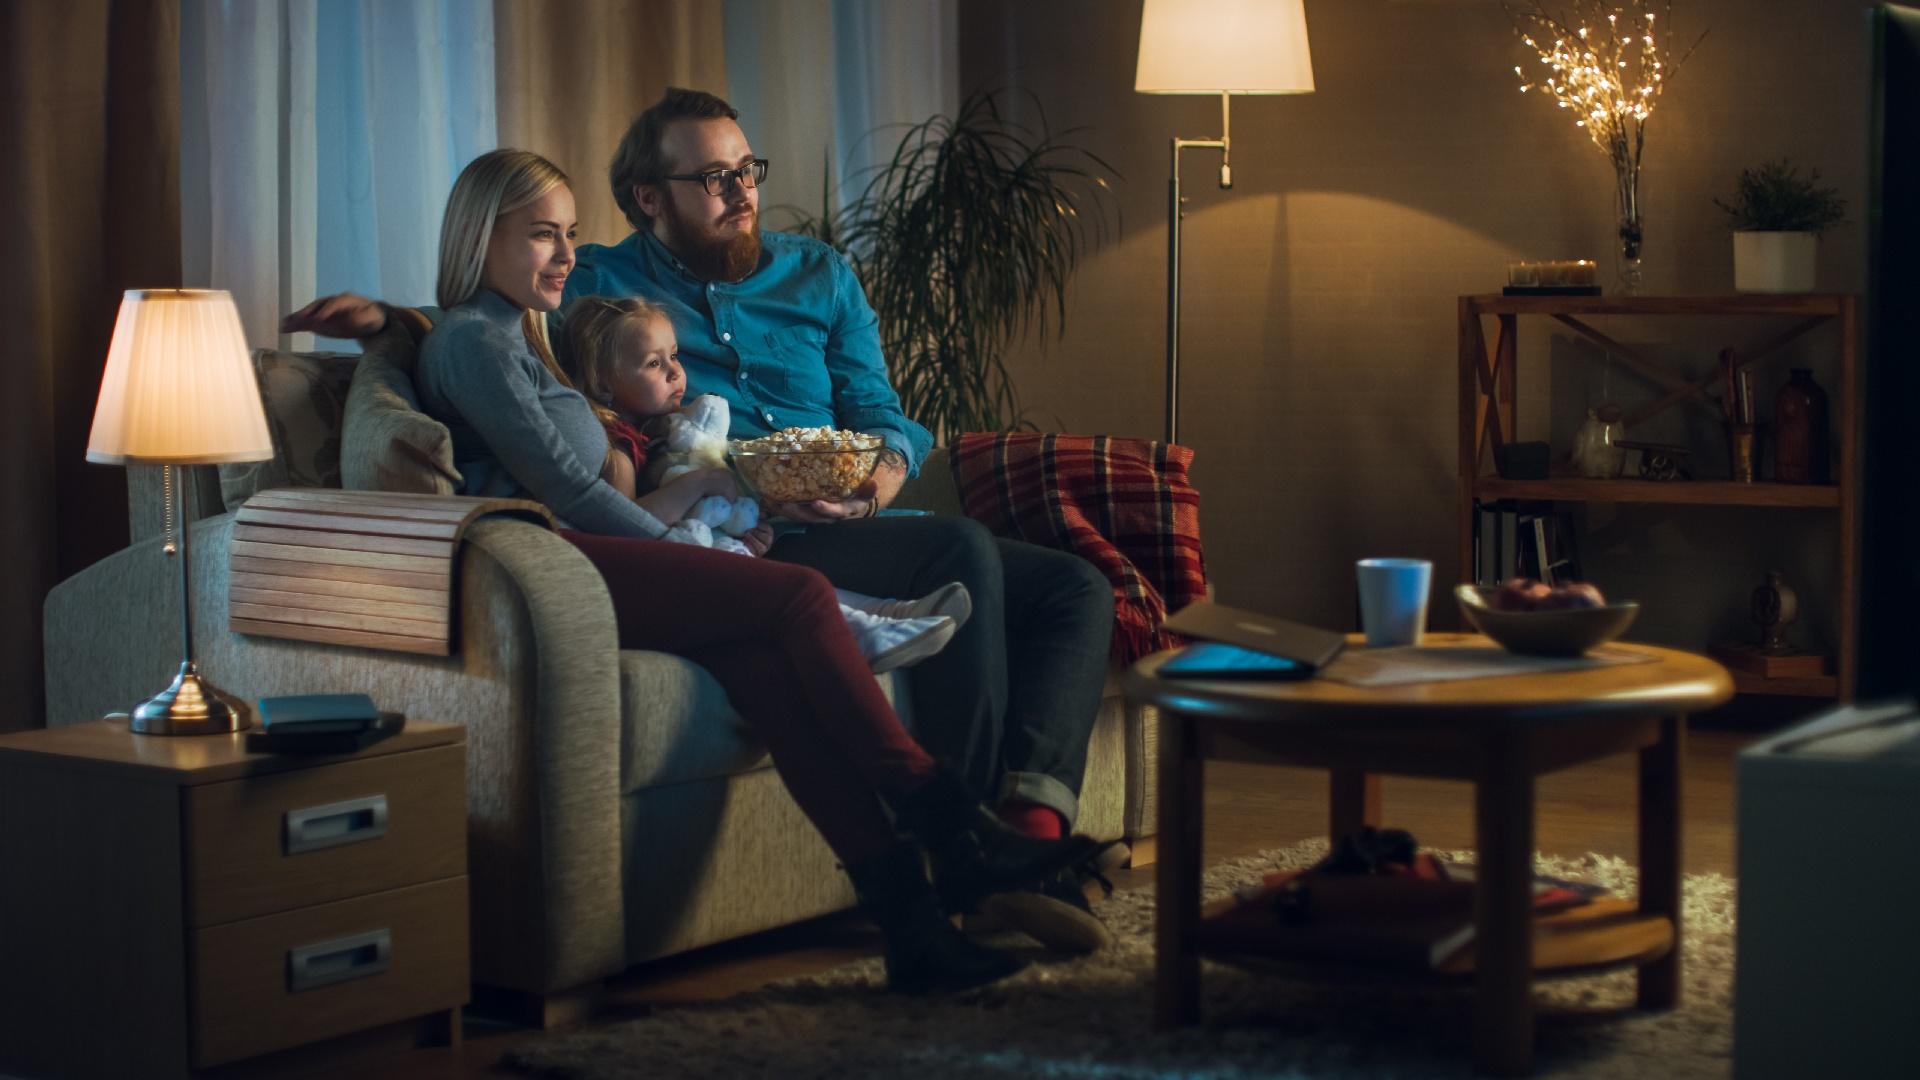 TIEDOTE: TV:n katselussa iso kasvu